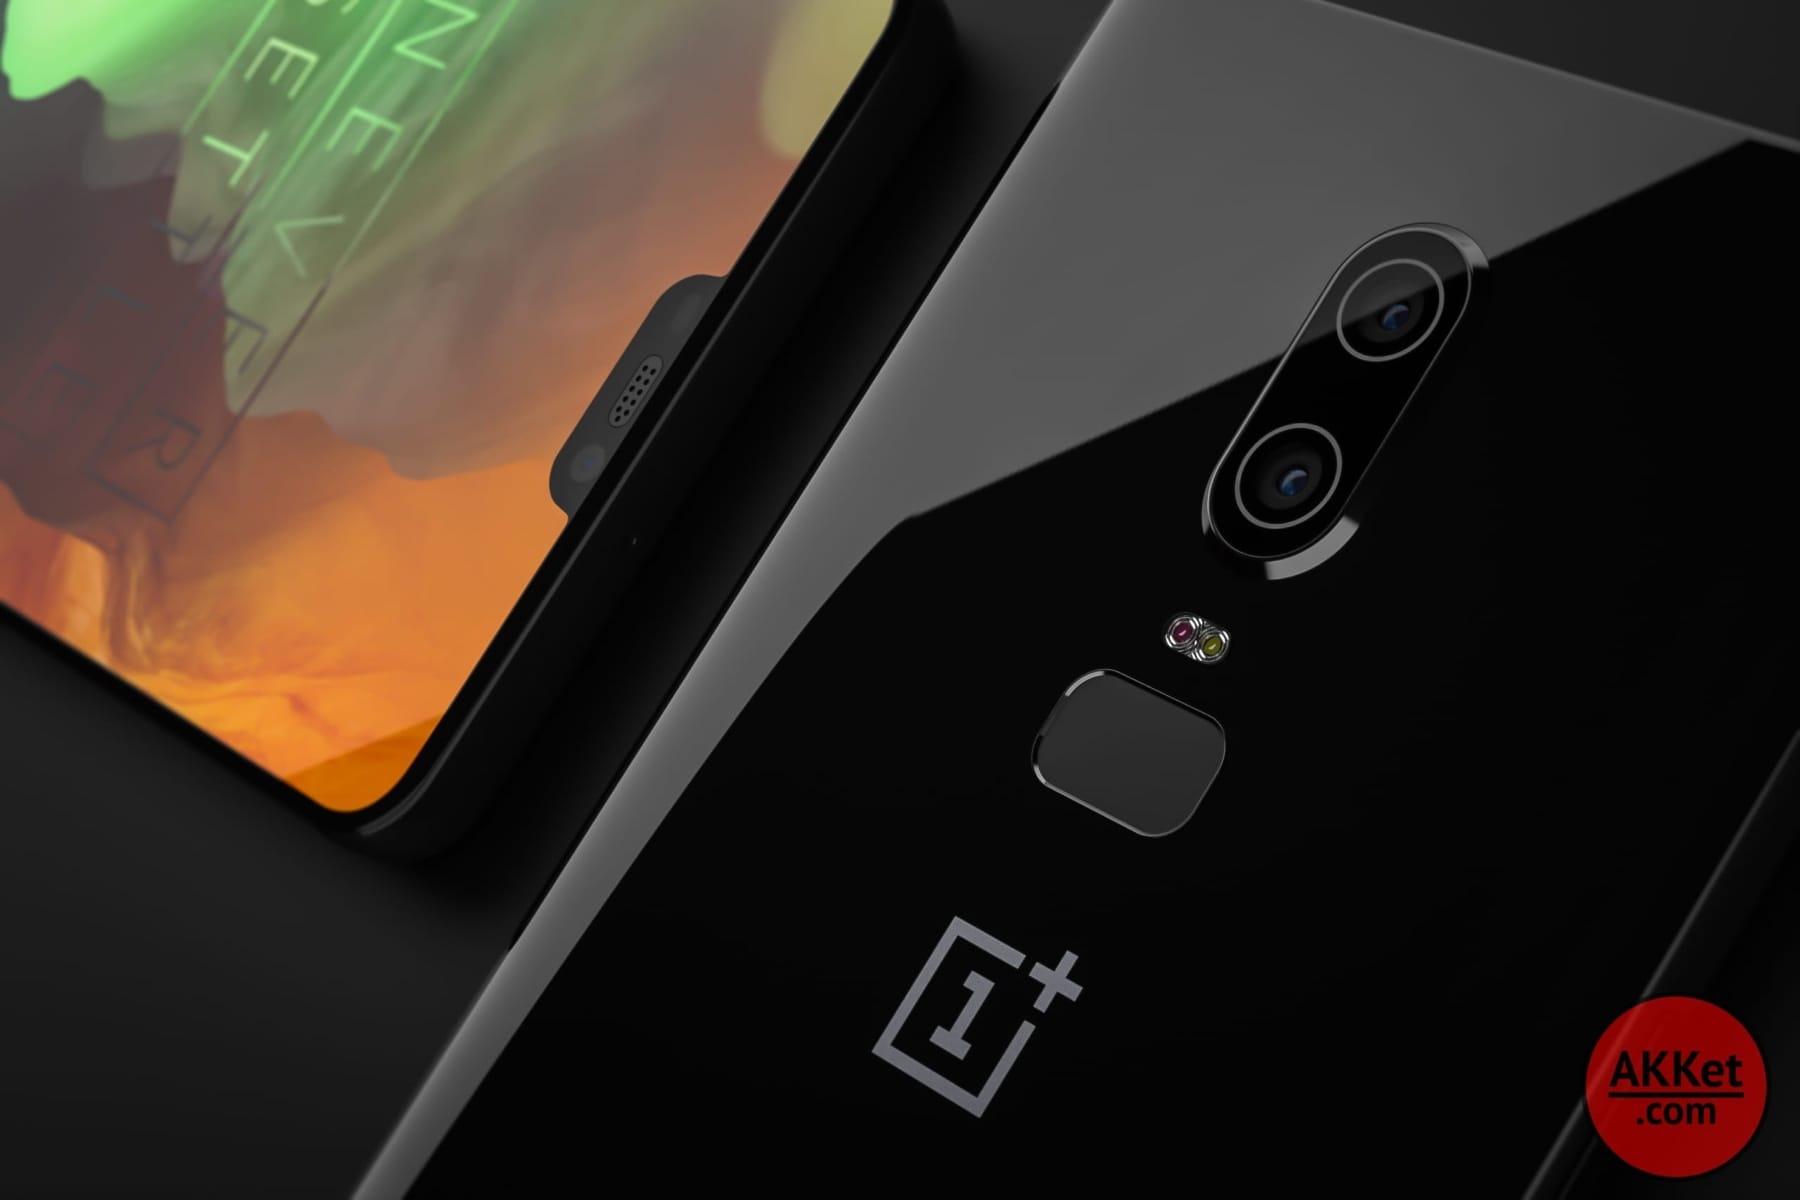 Вглобальной паутине появились фото нового флагмана OnePlus 6 состеклянным корпусом